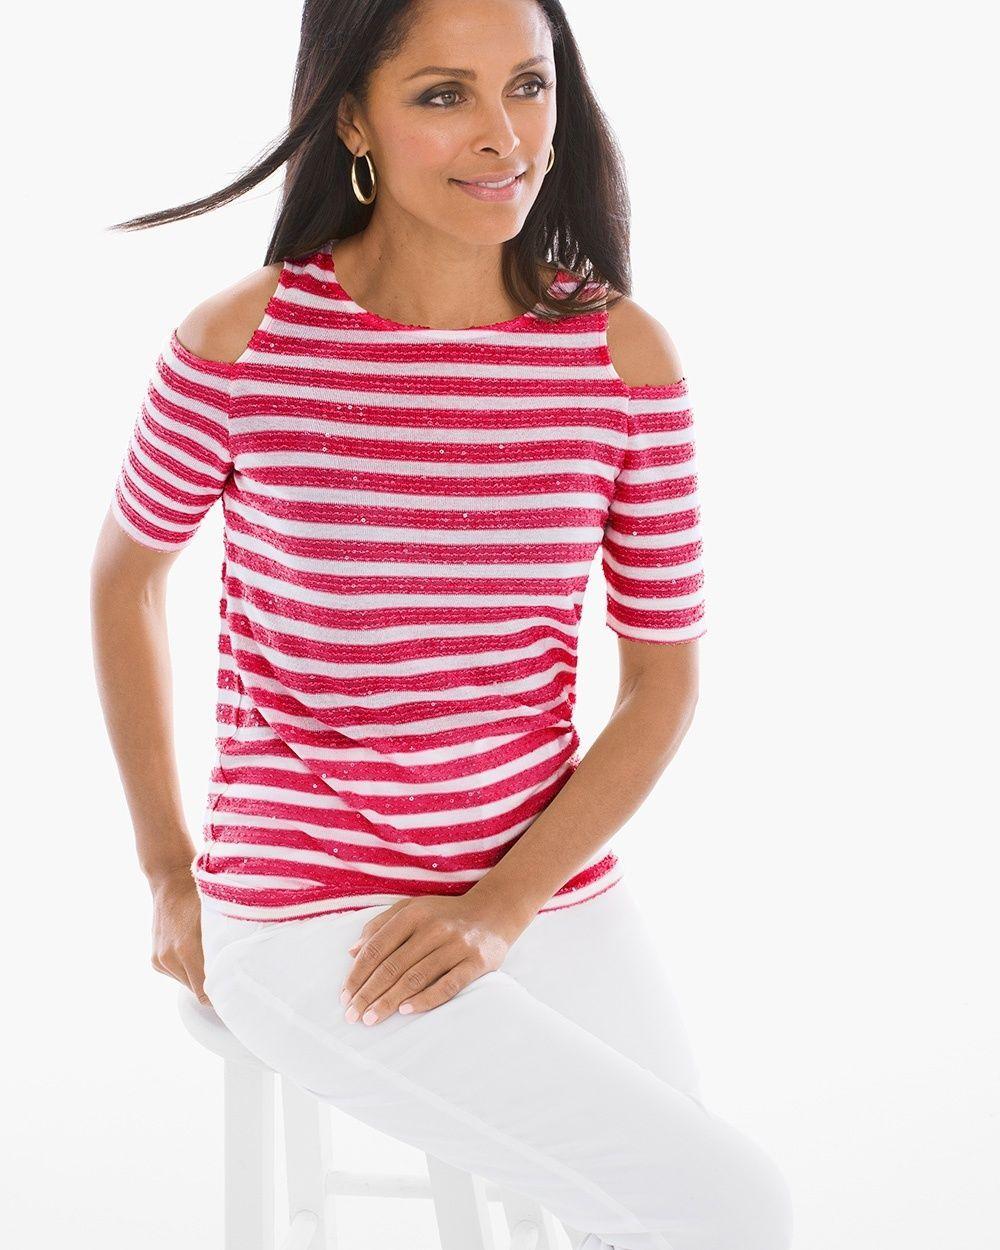 383de216ab776 Chico s Women s Sequin Striped Cold-Shoulder Top